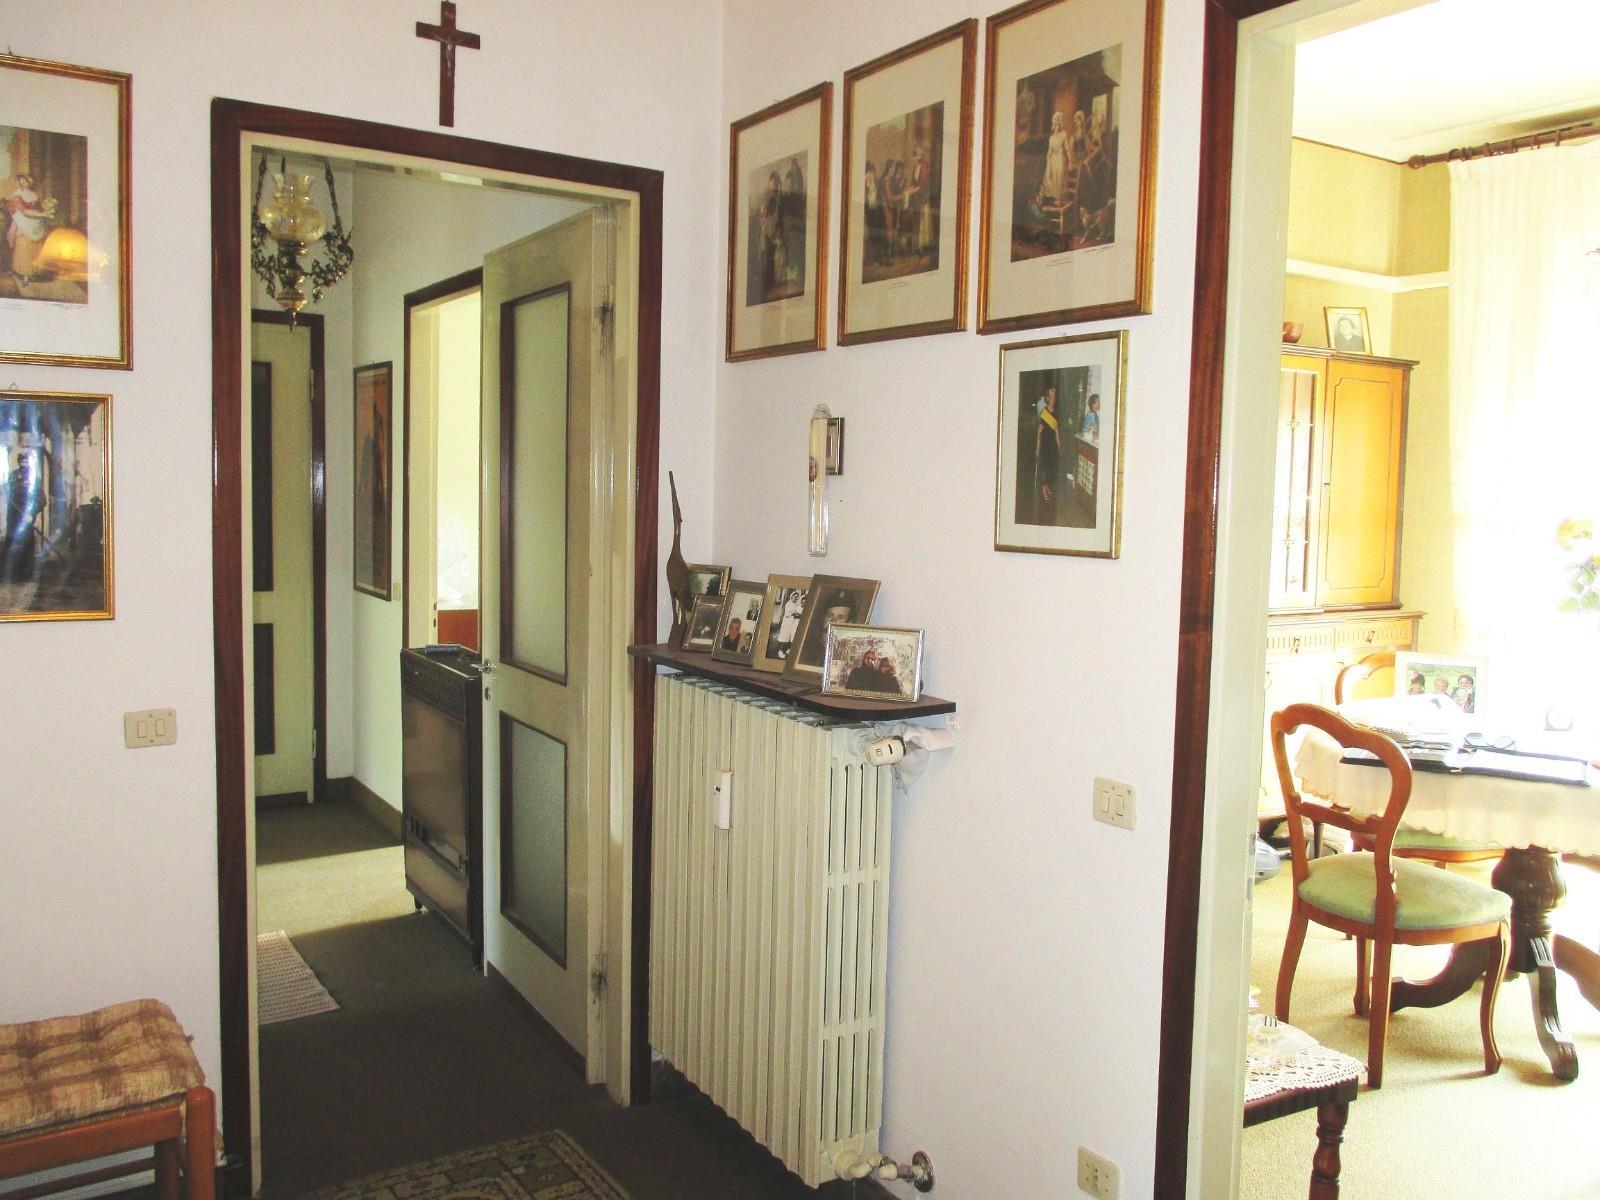 Foto 14 - Appartamento in Vendita - Seveso (Monza e Brianza)